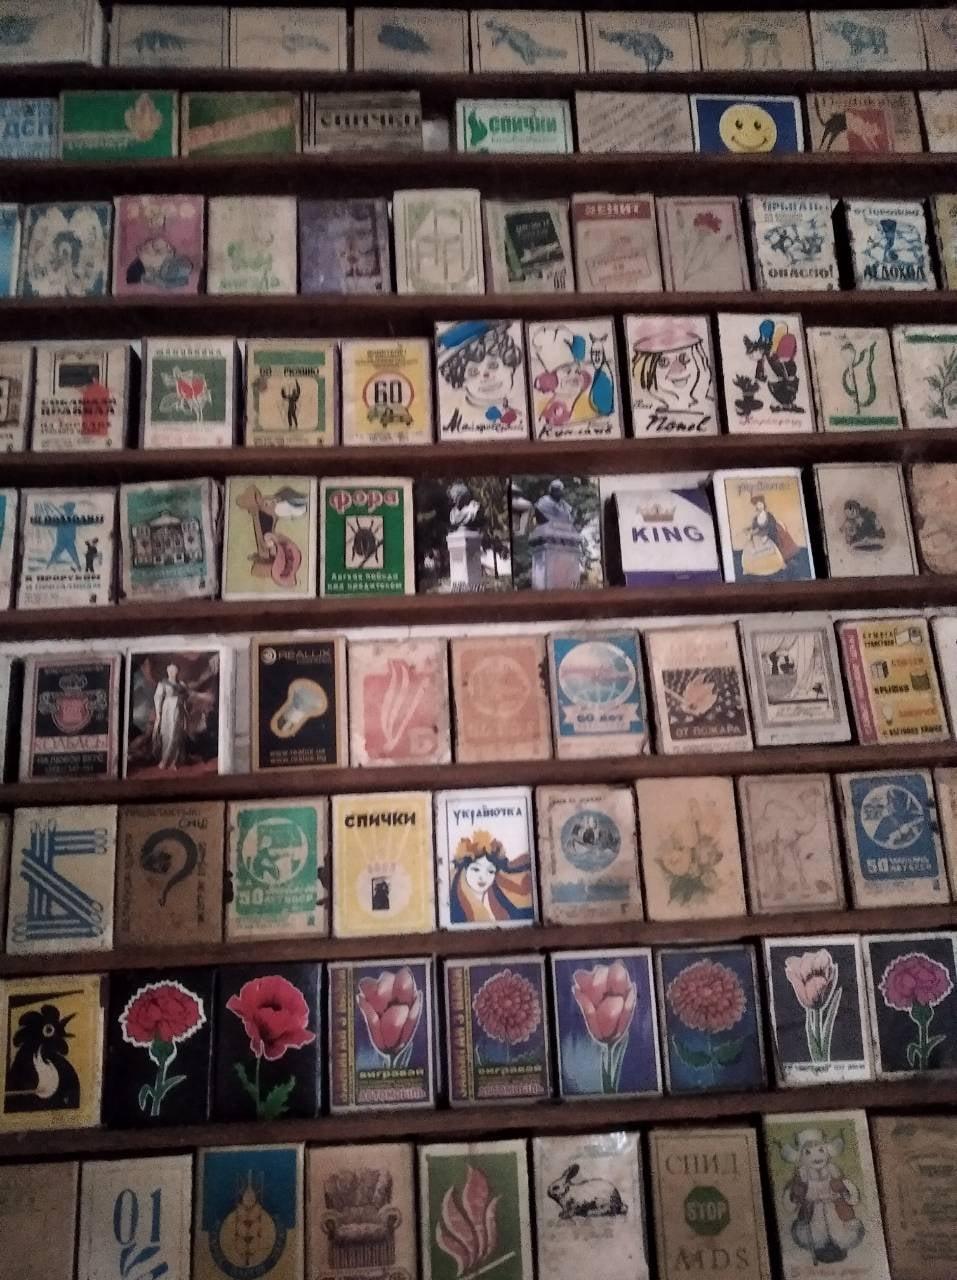 Сіверянин зібрав колекцію із понад 600 сірникових етикеток, коробок і сірників (Фото)